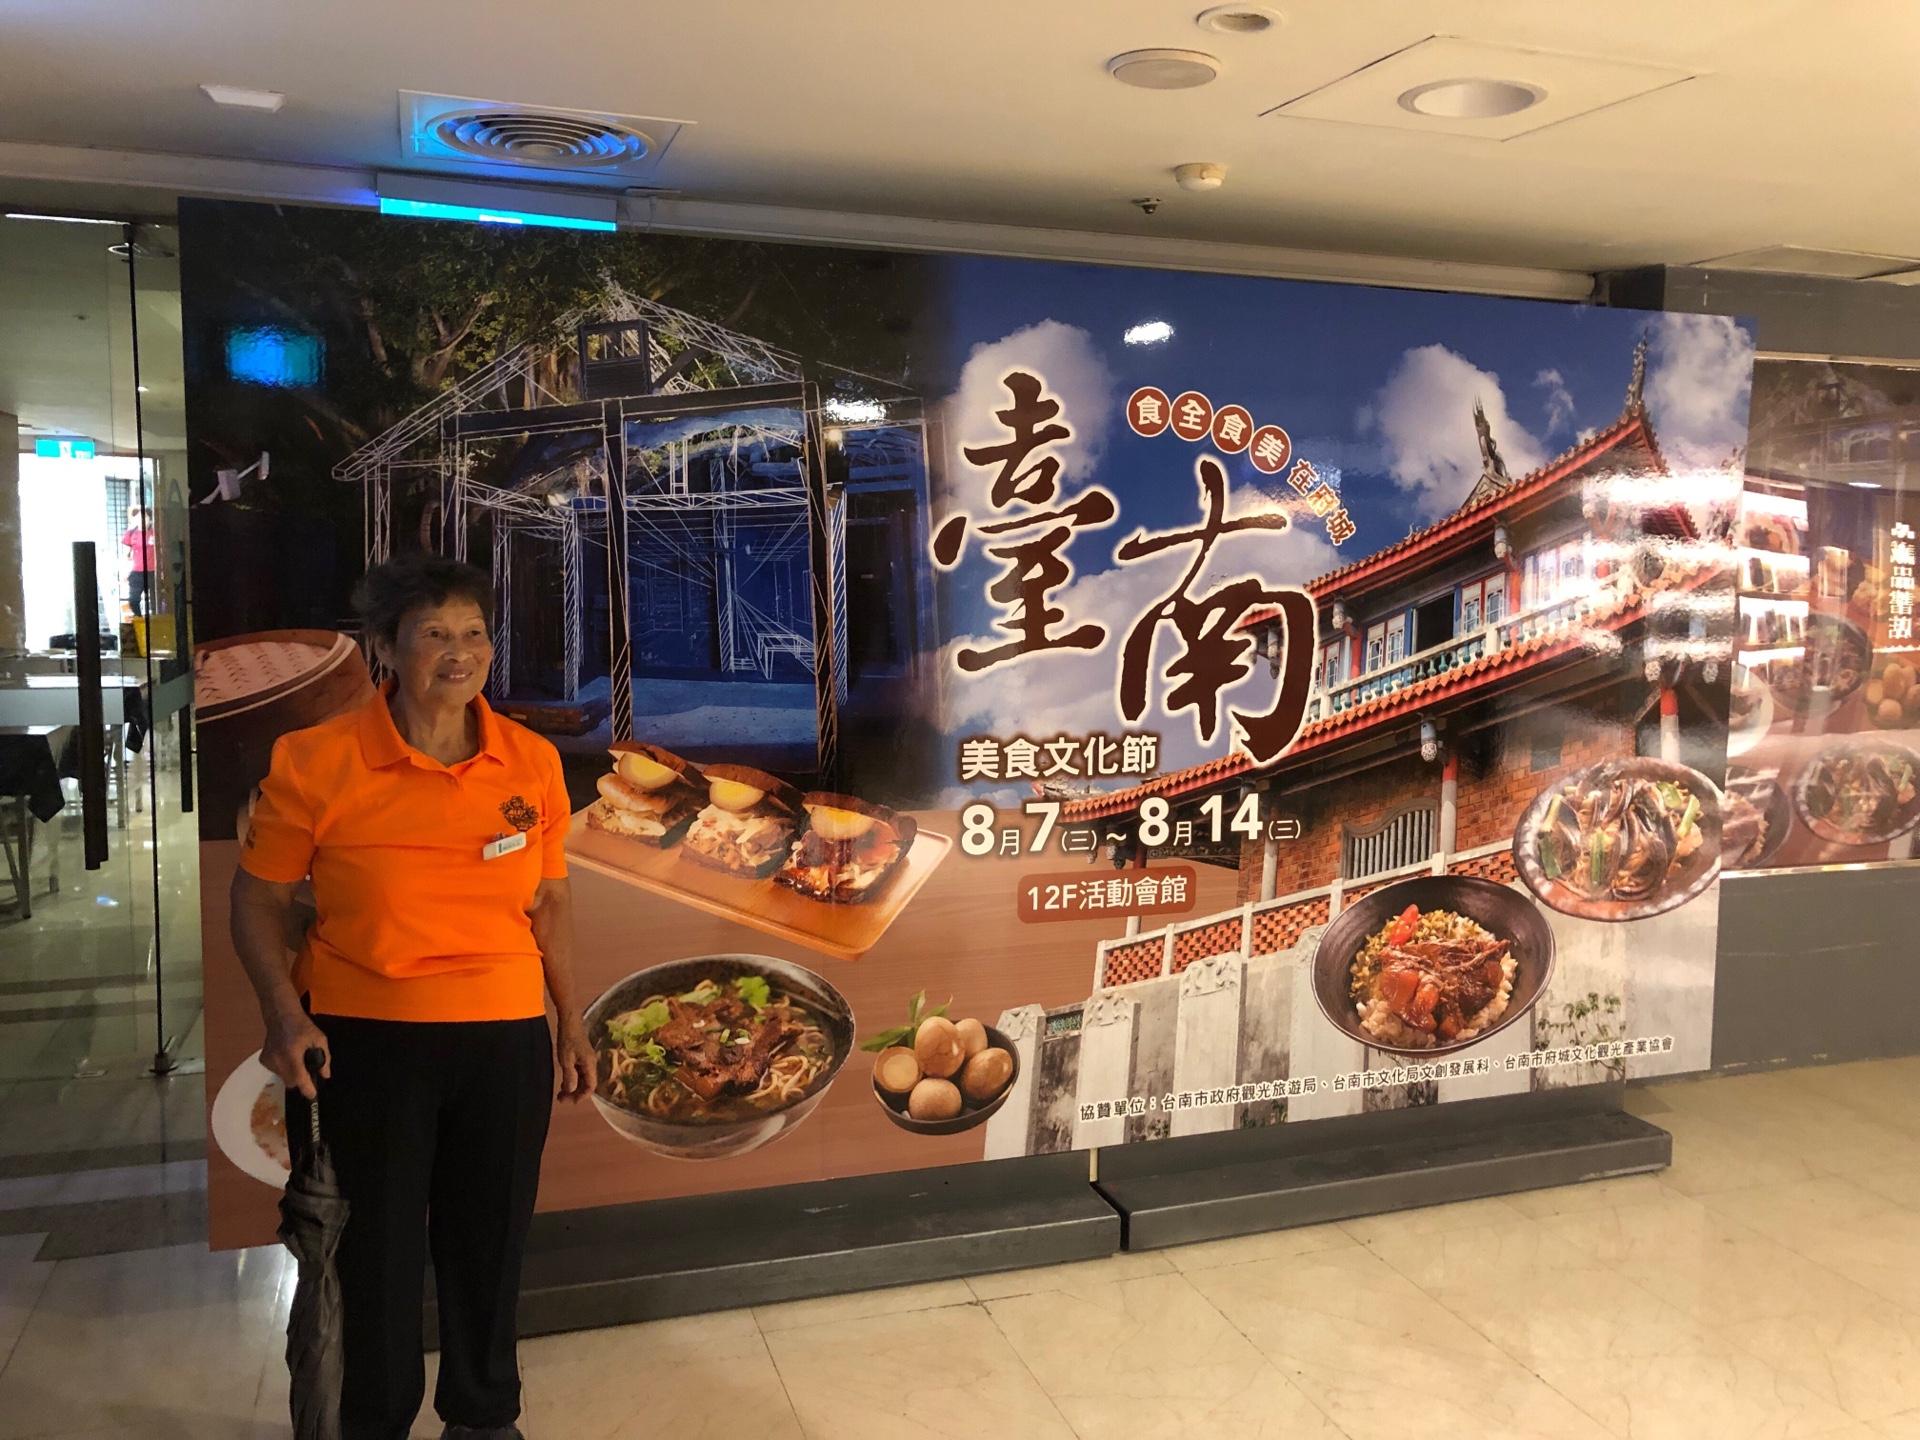 2019年8月7日~8月14日 sogo忠孝館台南美食文化節